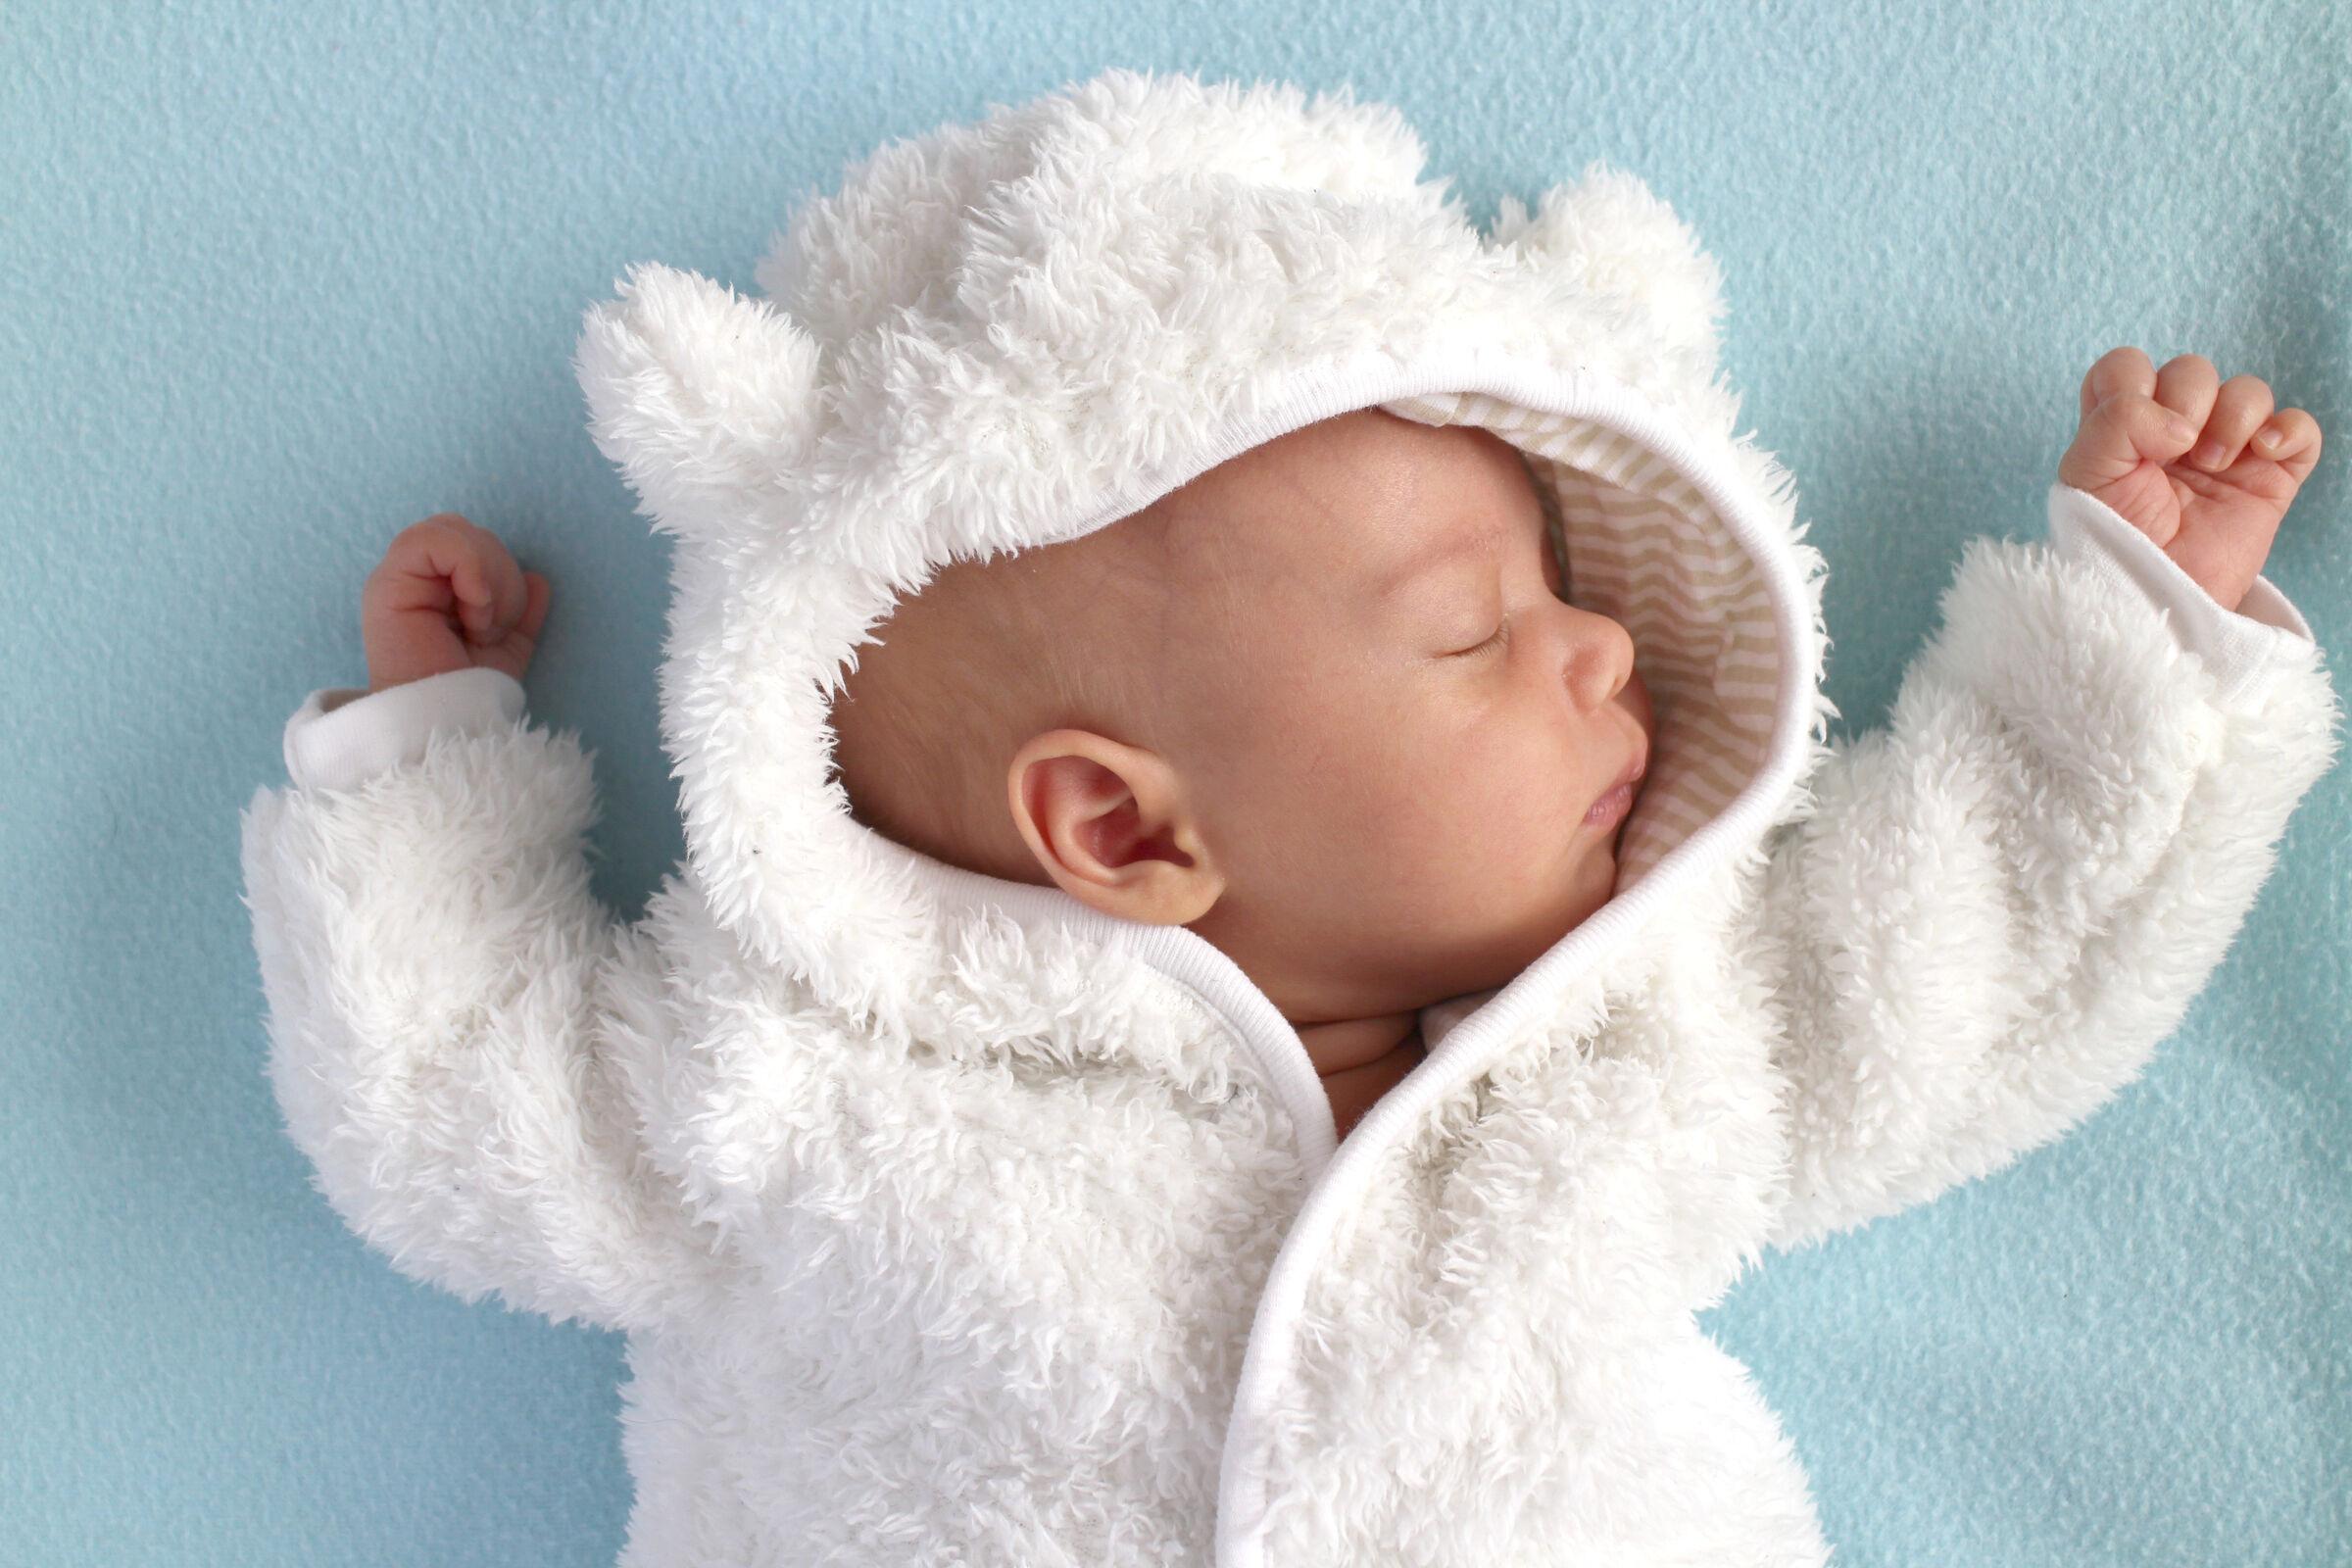 Recém-nascido usando roupa de inverno - como economizar ao montar o enxoval do bebê